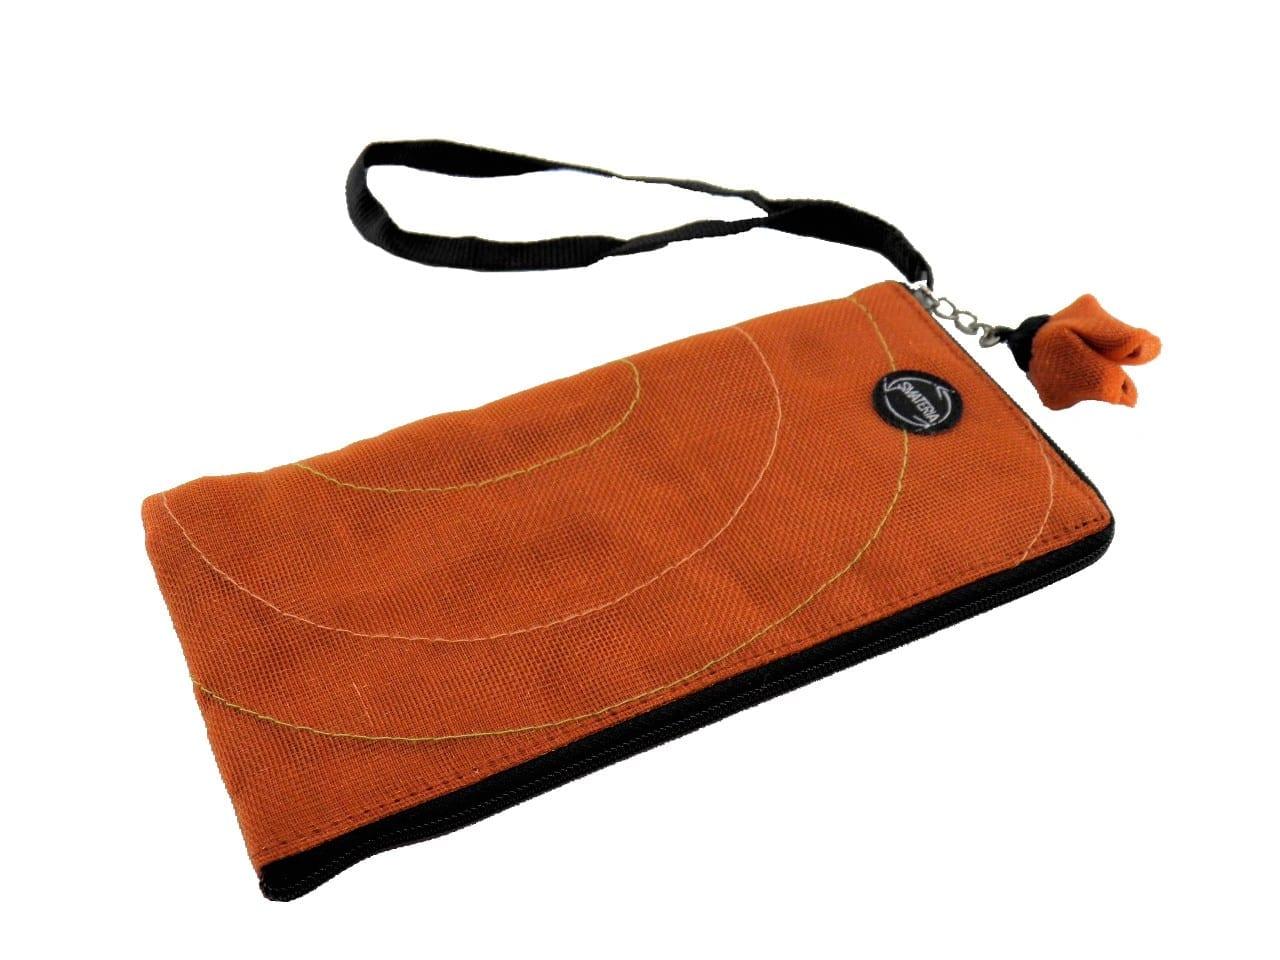 La Pochette Cellulaire éthique - iPhone6+ (P62M) - Orange